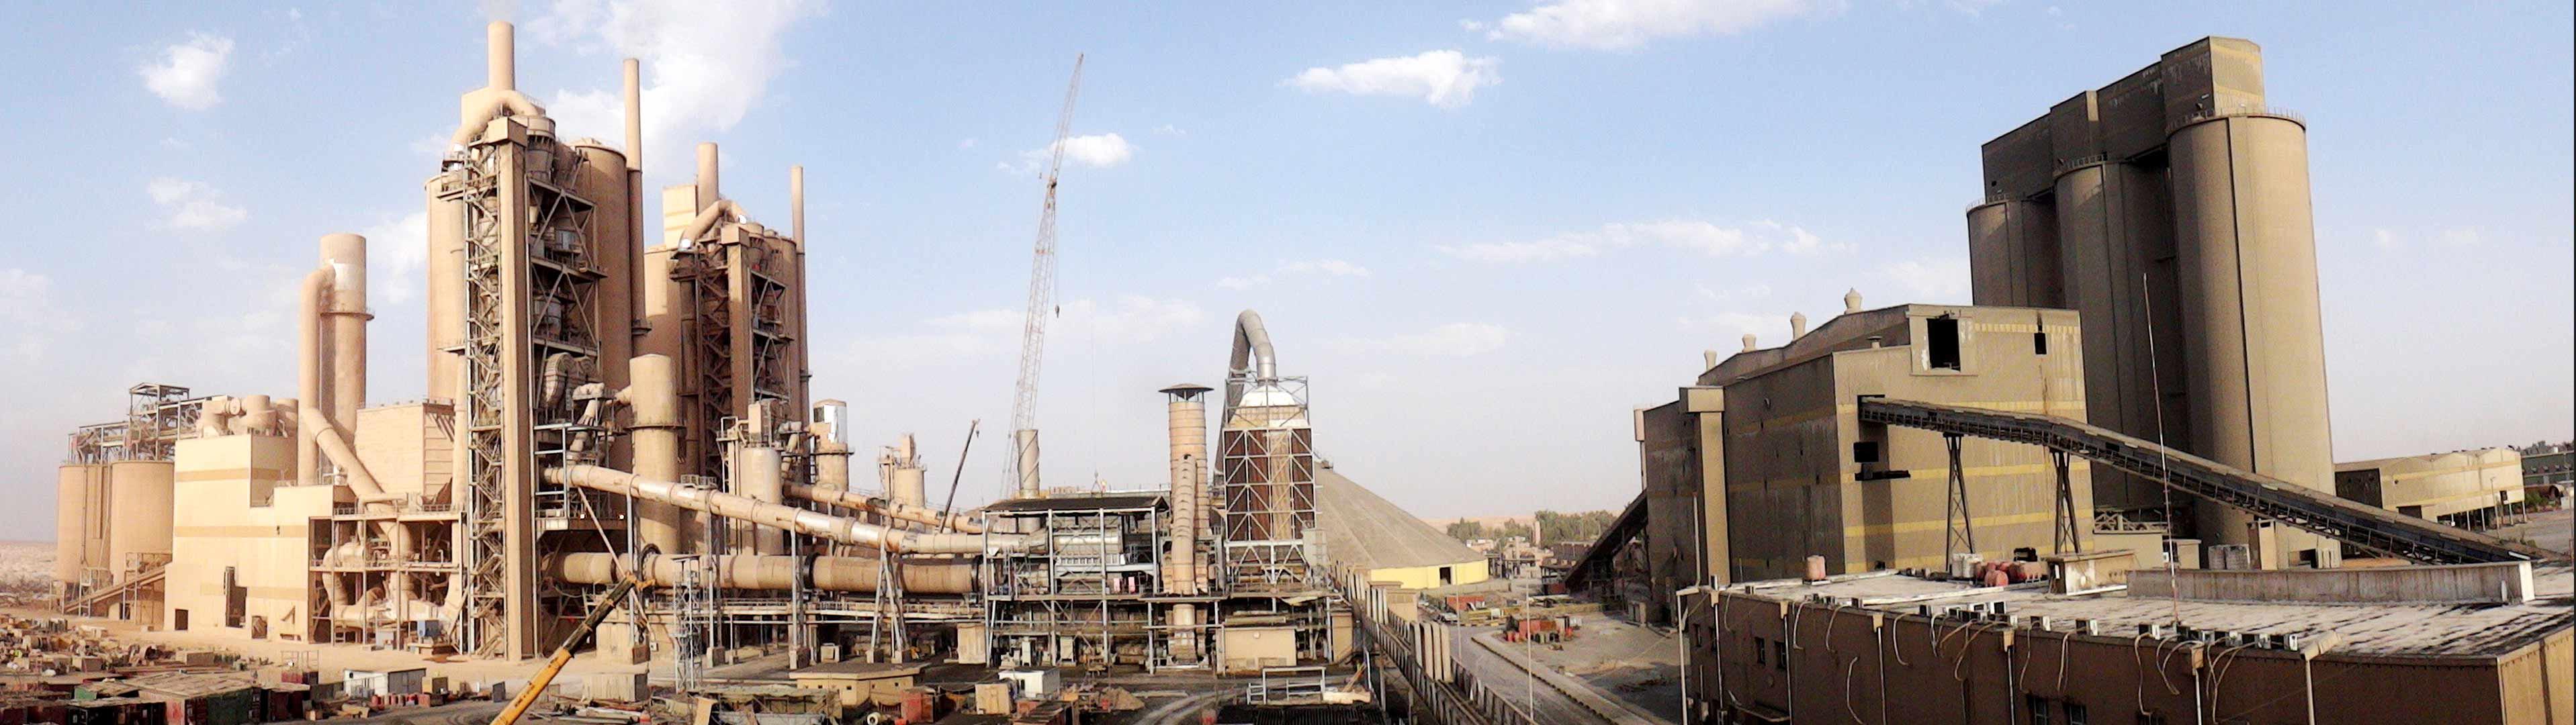 伊拉克卡尔巴拉改造项目